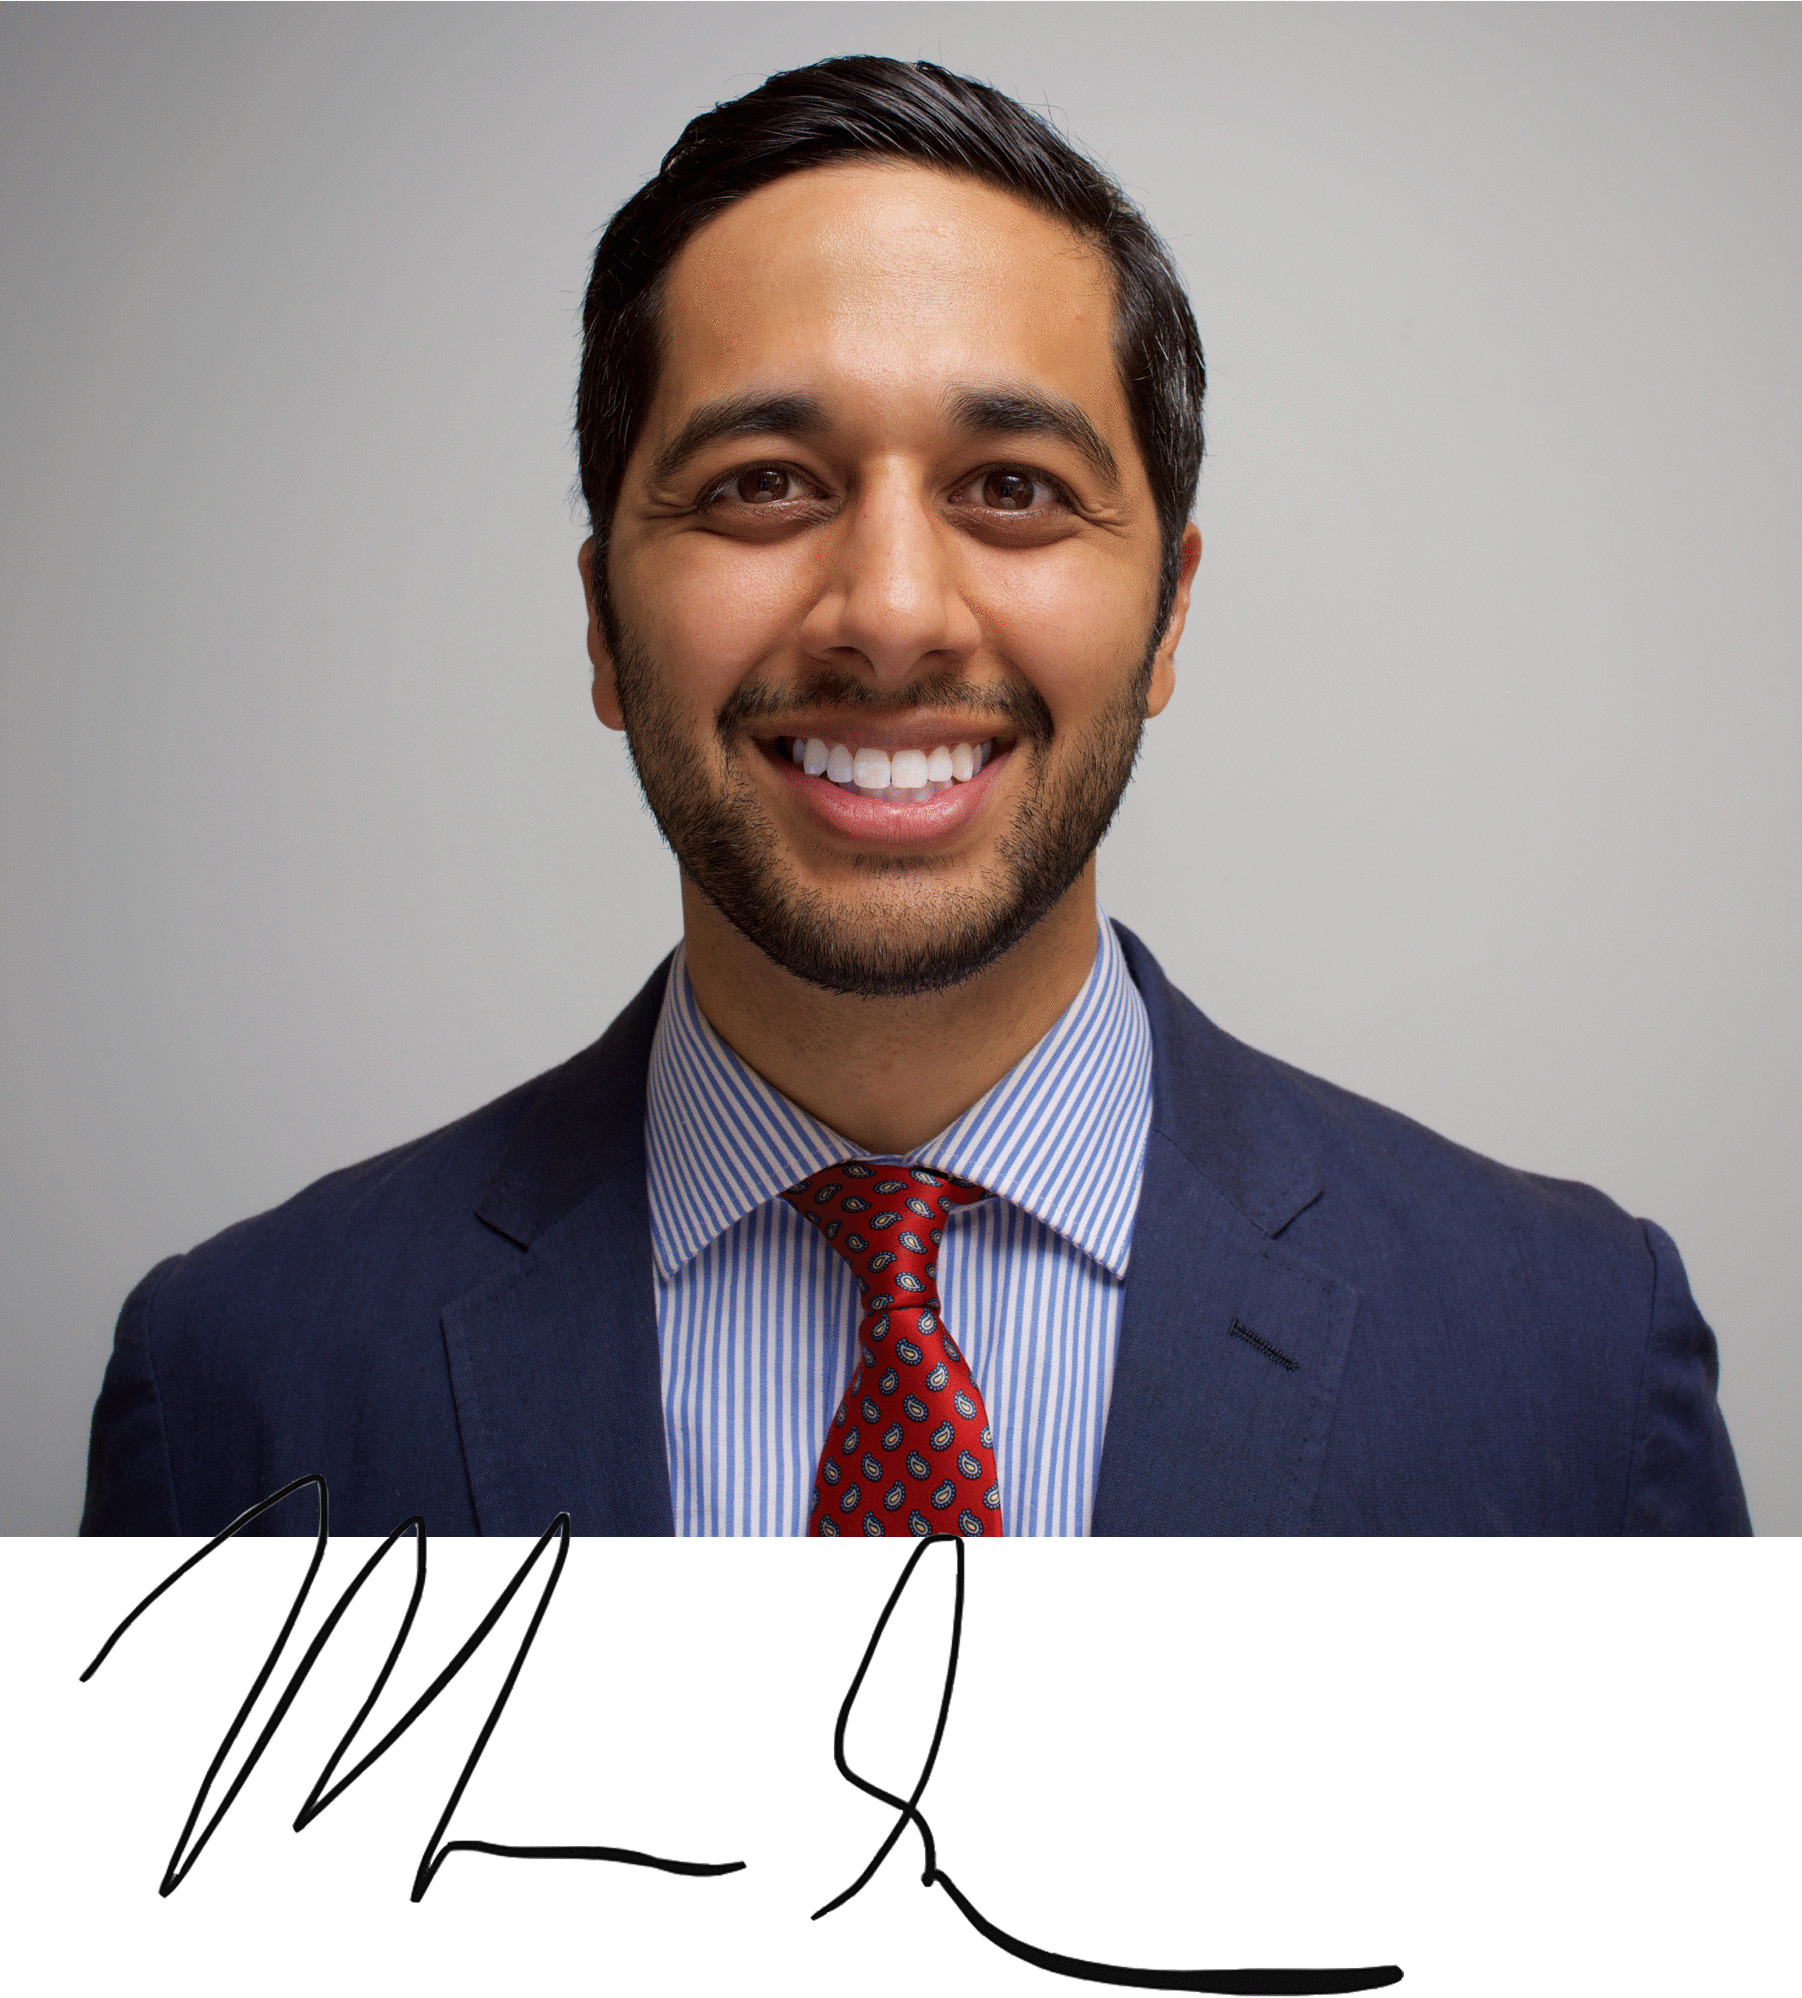 Headshot of Dr Manan Shah